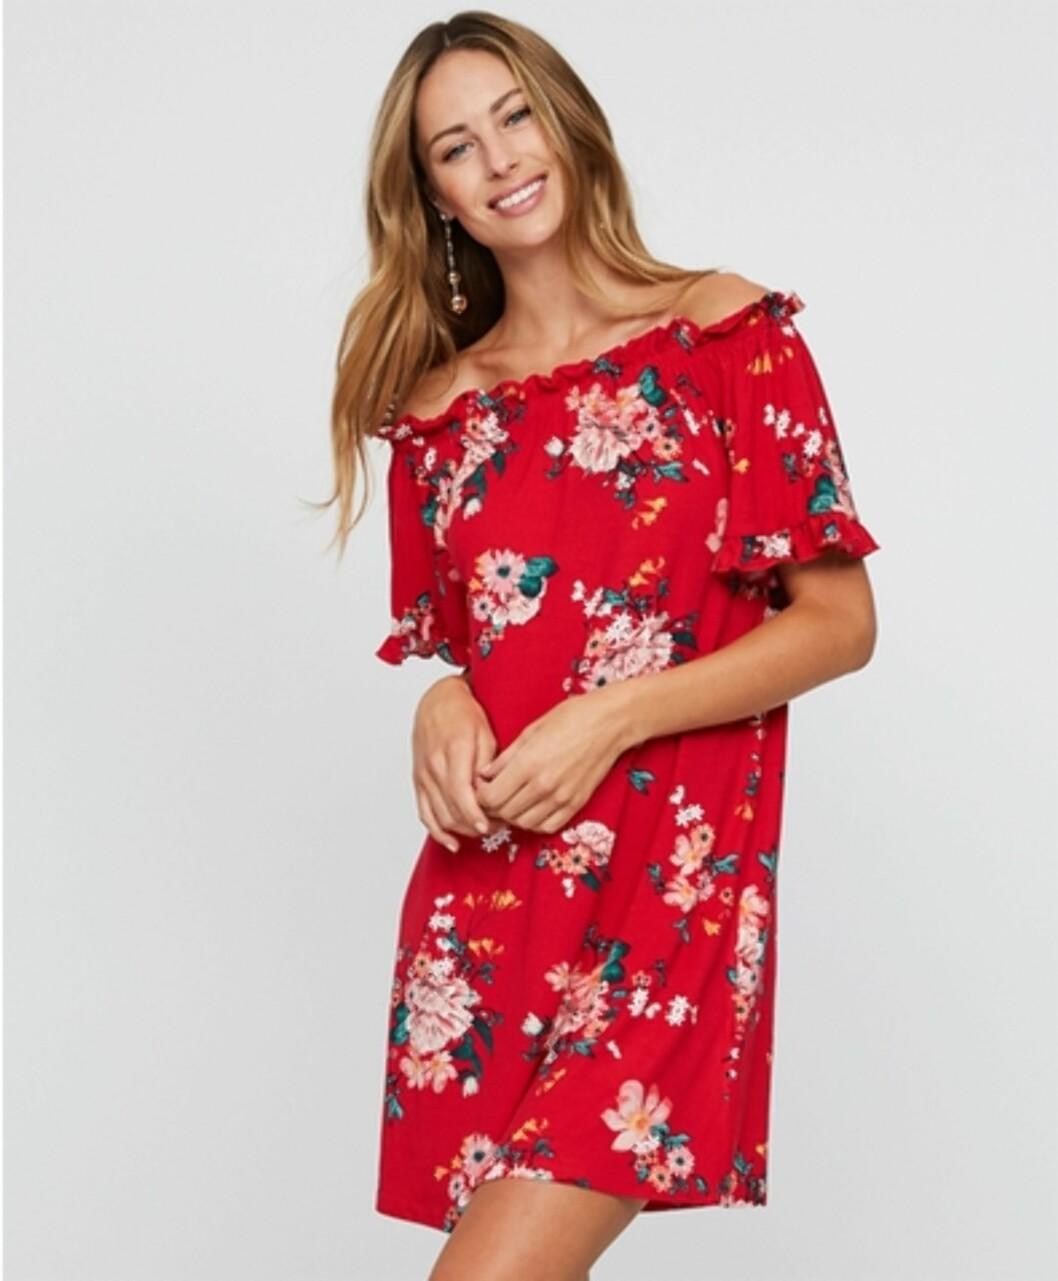 Kjole fra Gina Tricot   kr 199   http://www.ginatricot.com/cno/no/kolleksjon/se-alle-klar/kjoler/sine-tunika/prod779623656.html